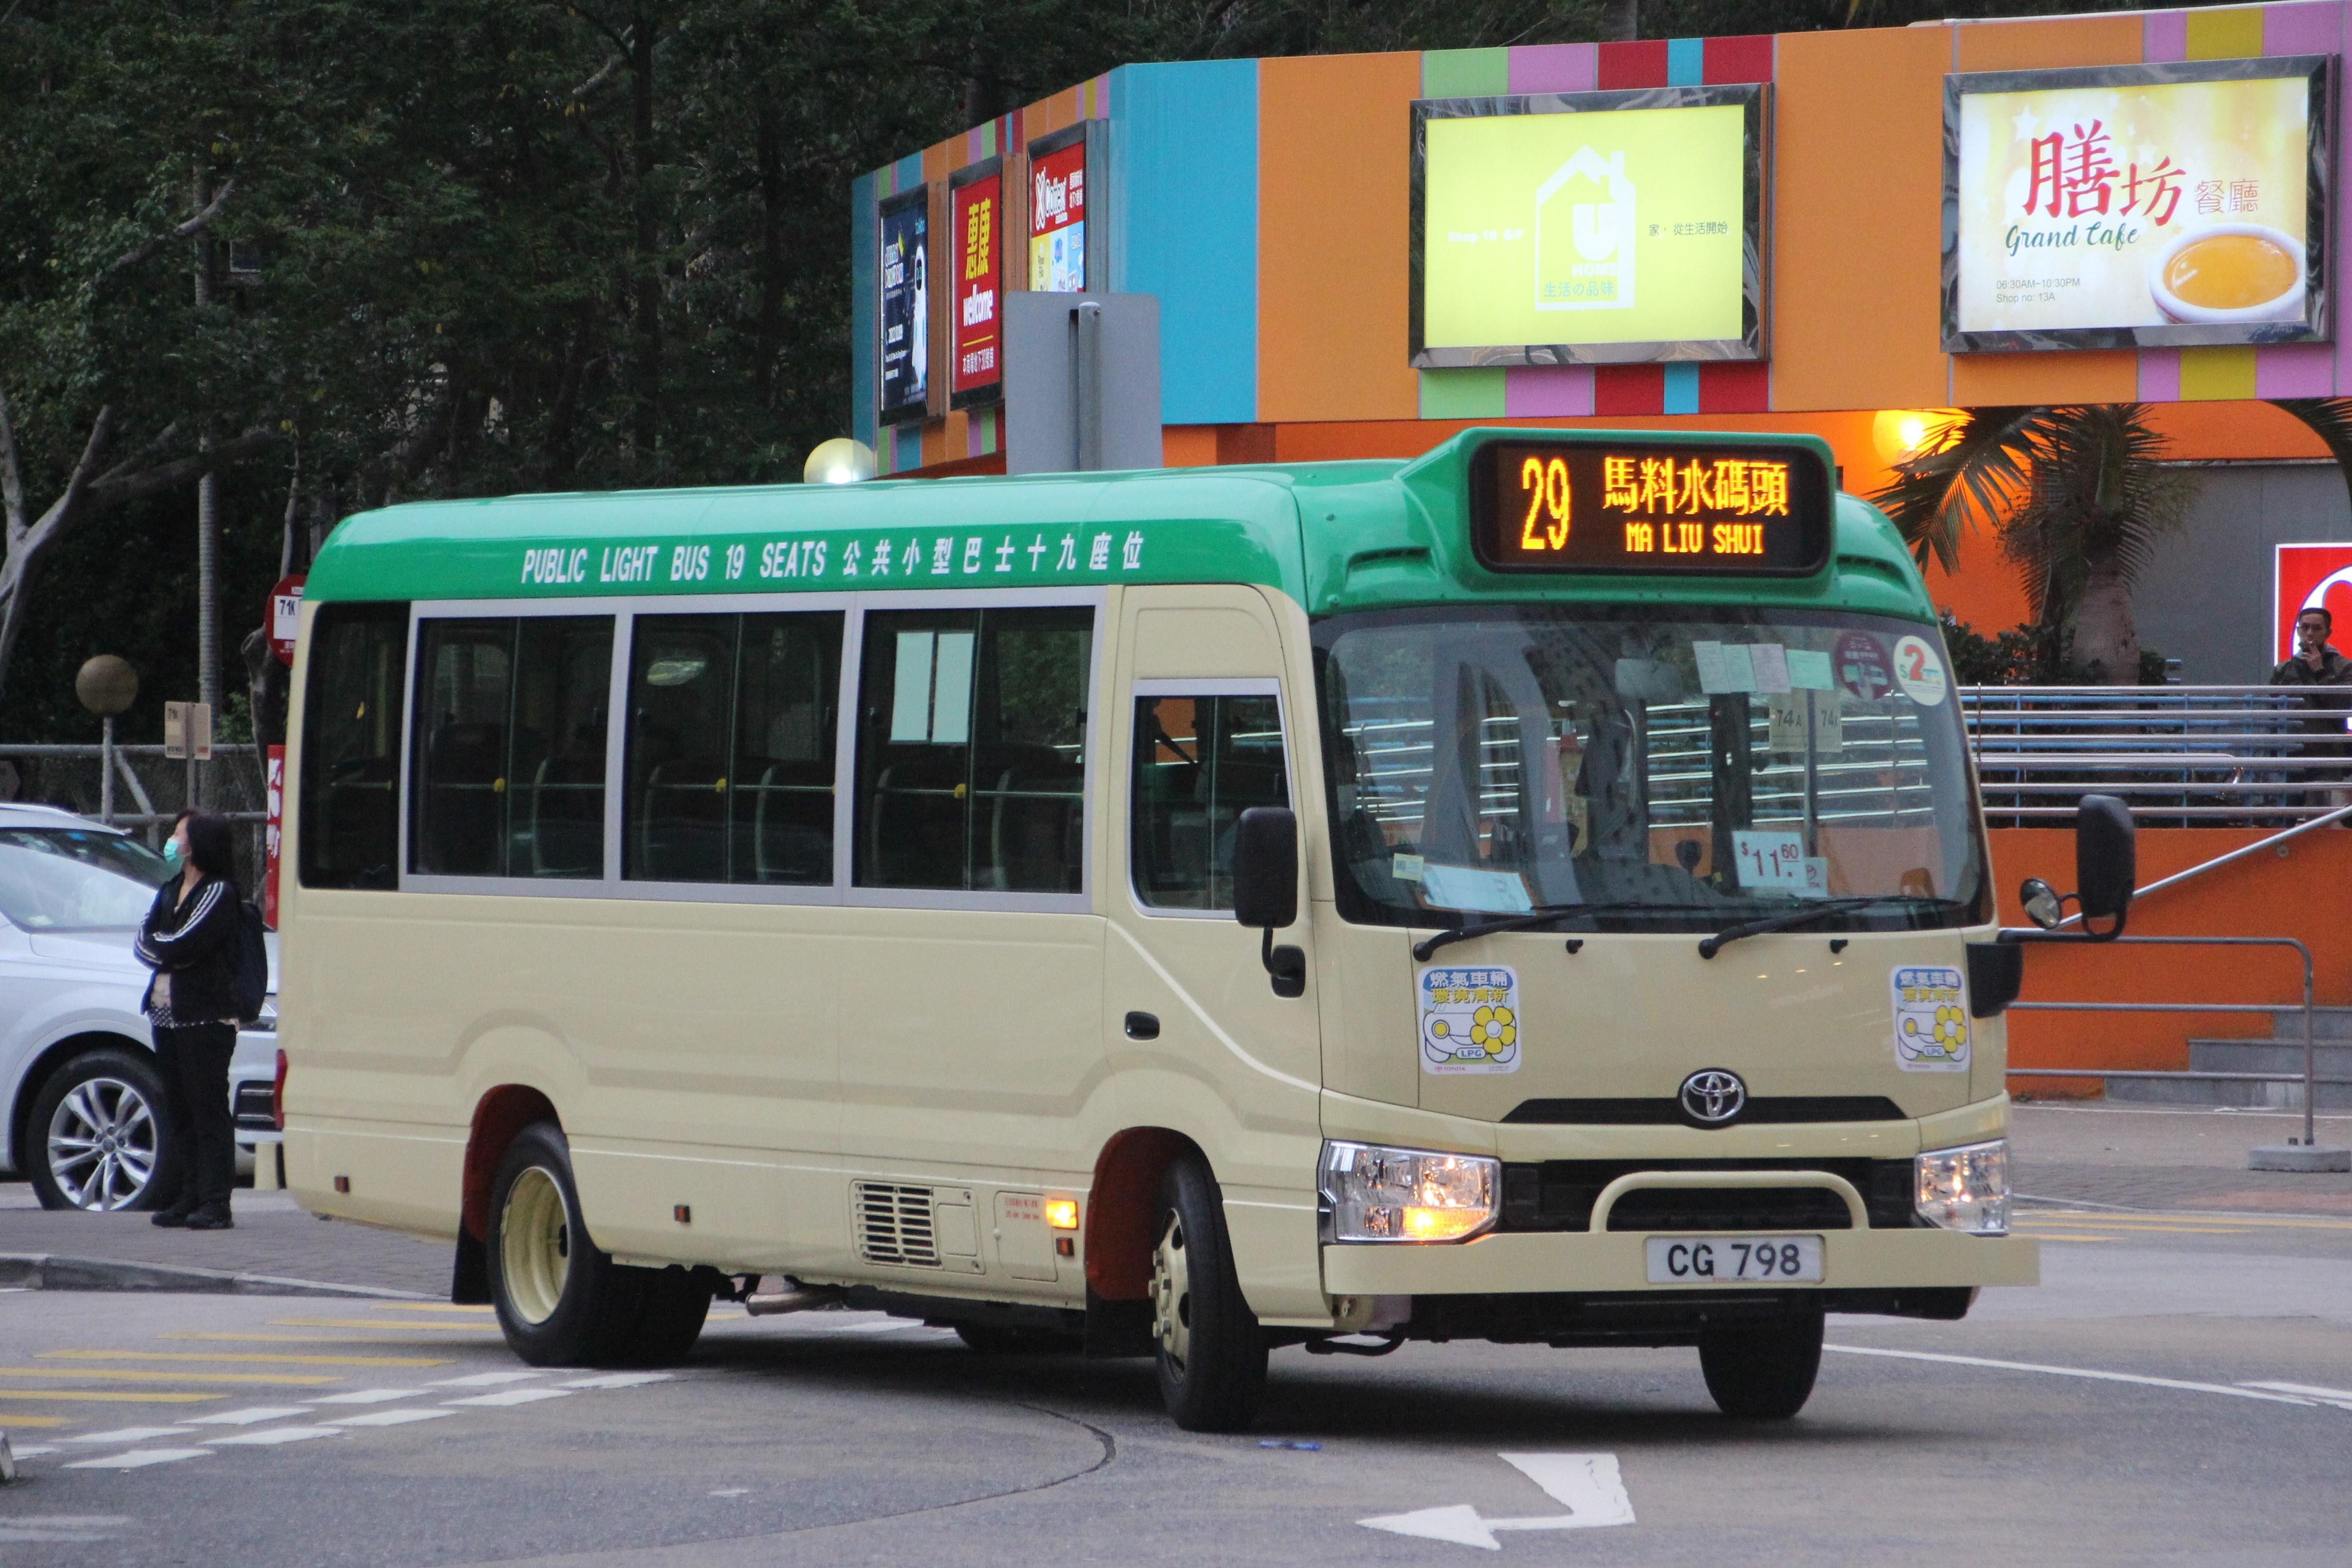 新界專綫小巴29線